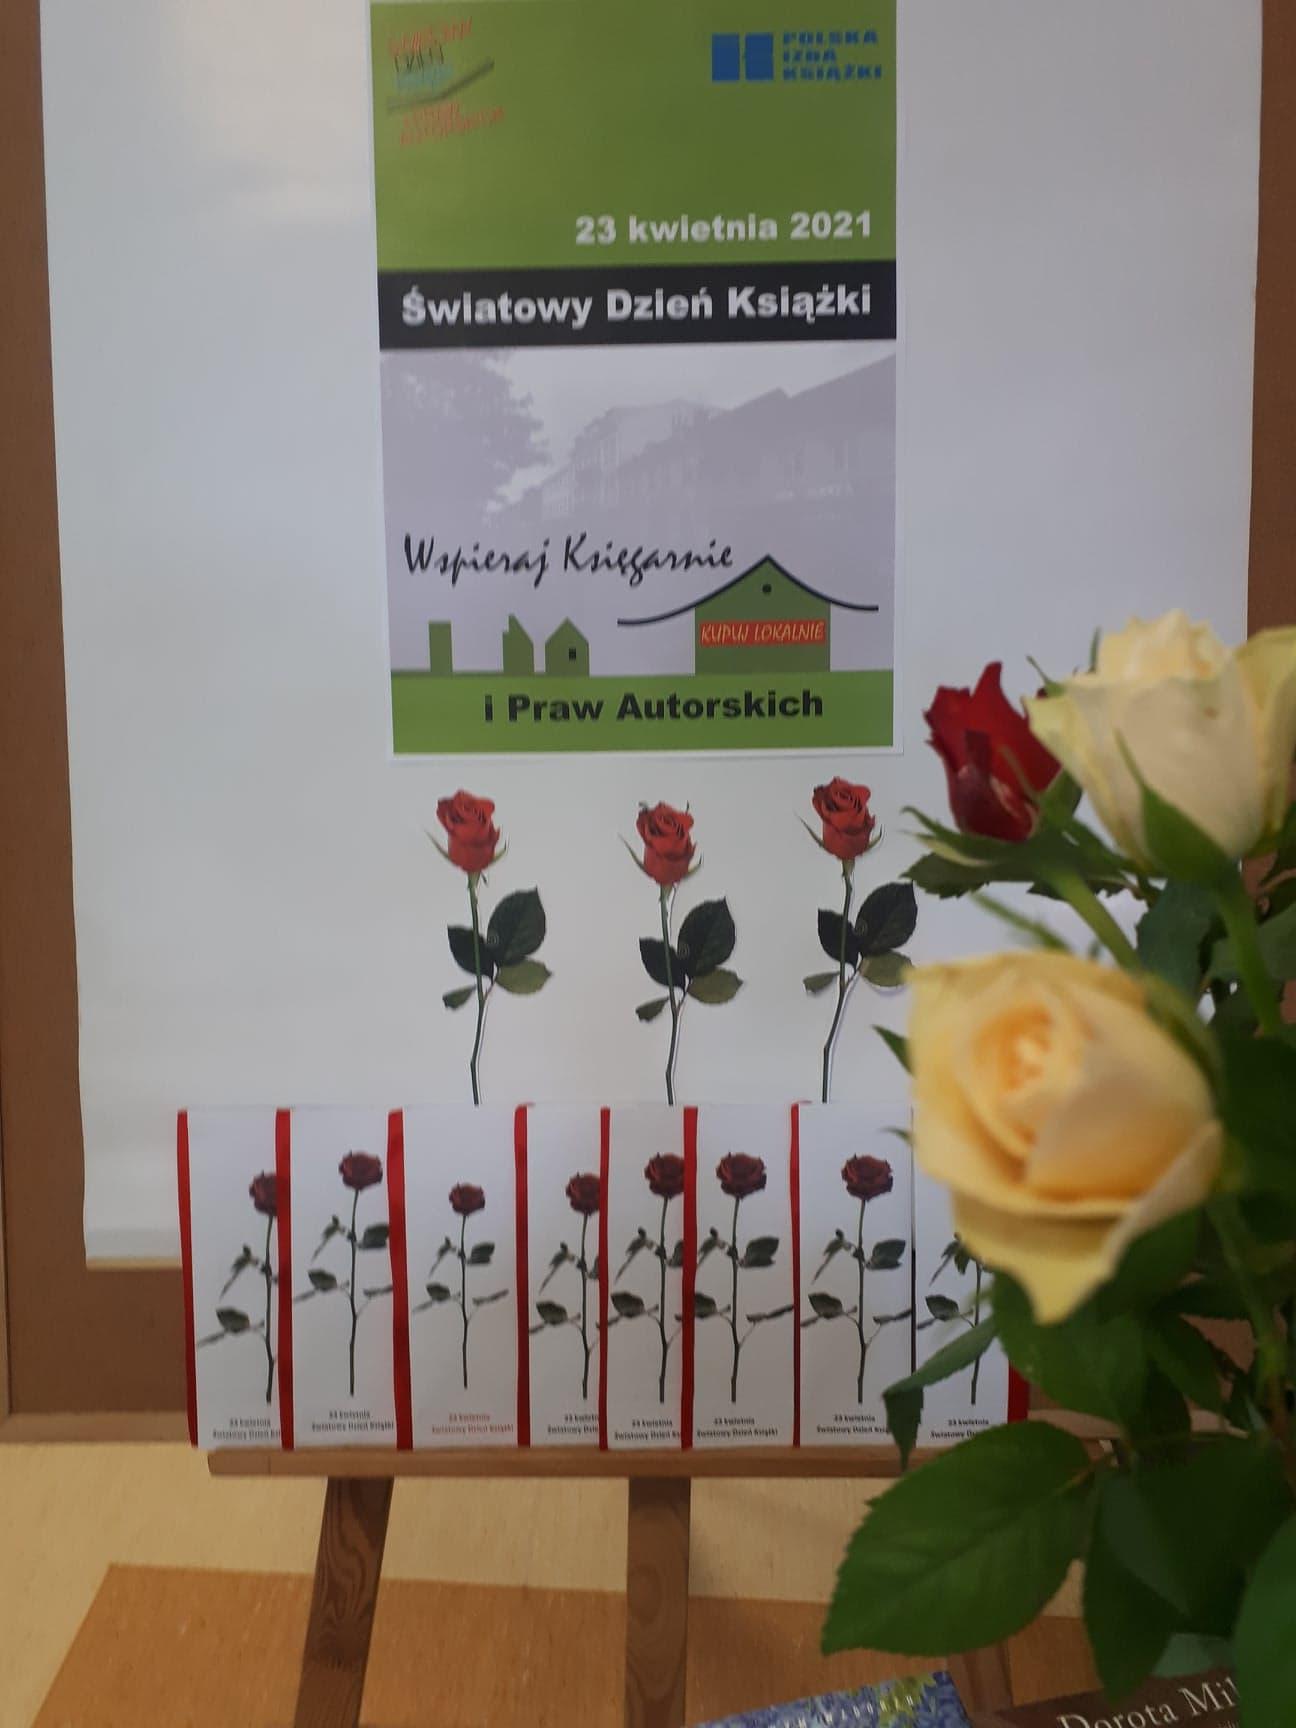 na obrazku plakat przestawiający zakładki do książki oraz żywe róże, dodatkowo data